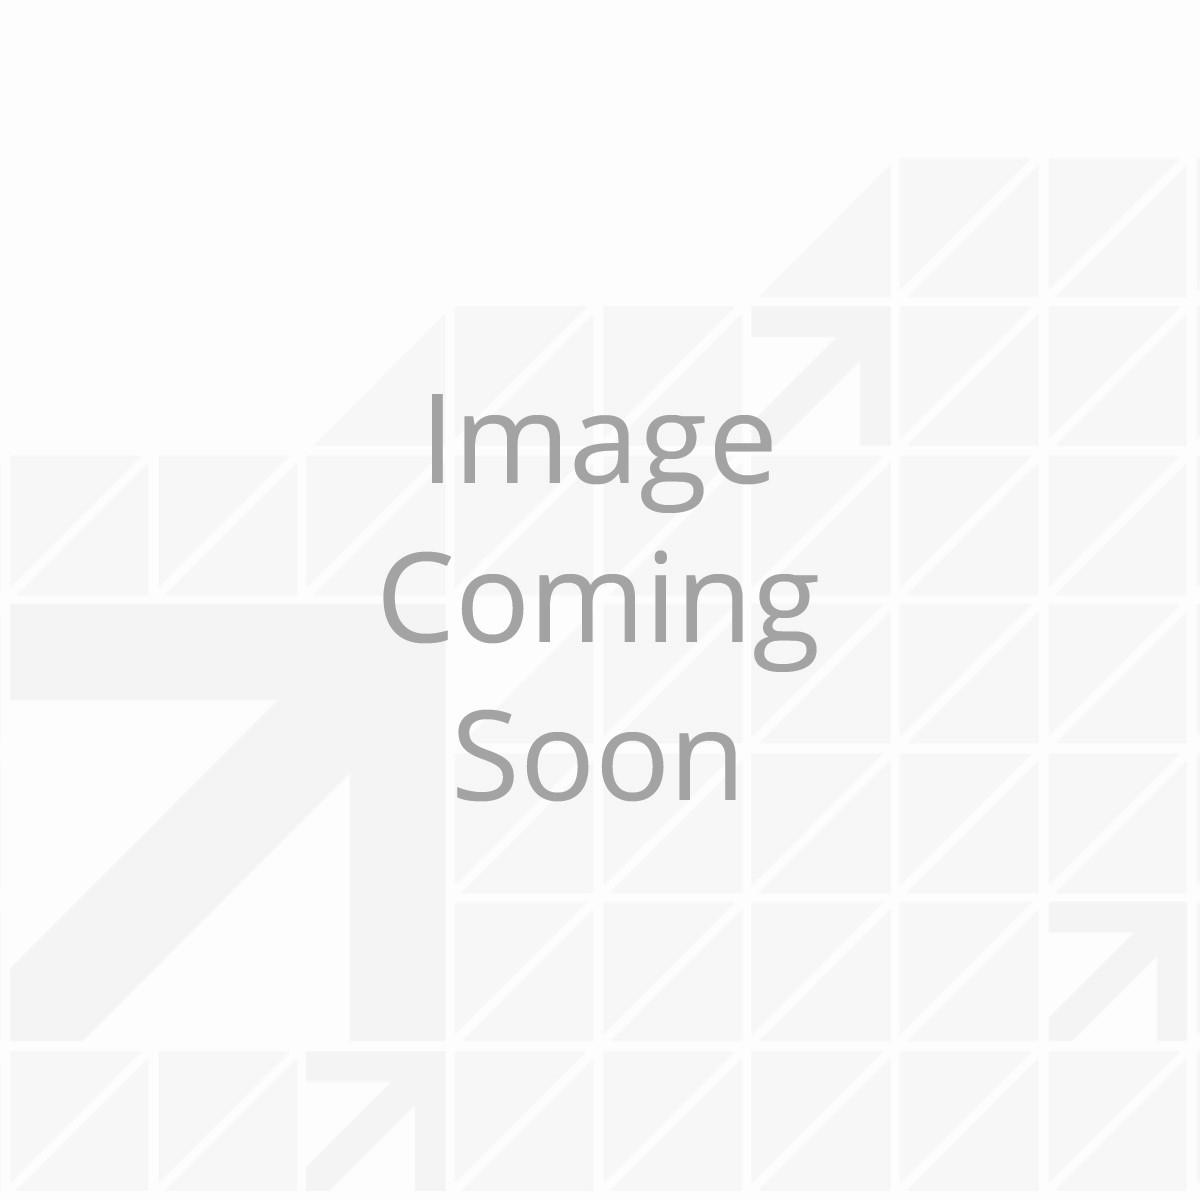 136451_Shoe-Lining-Kit_001